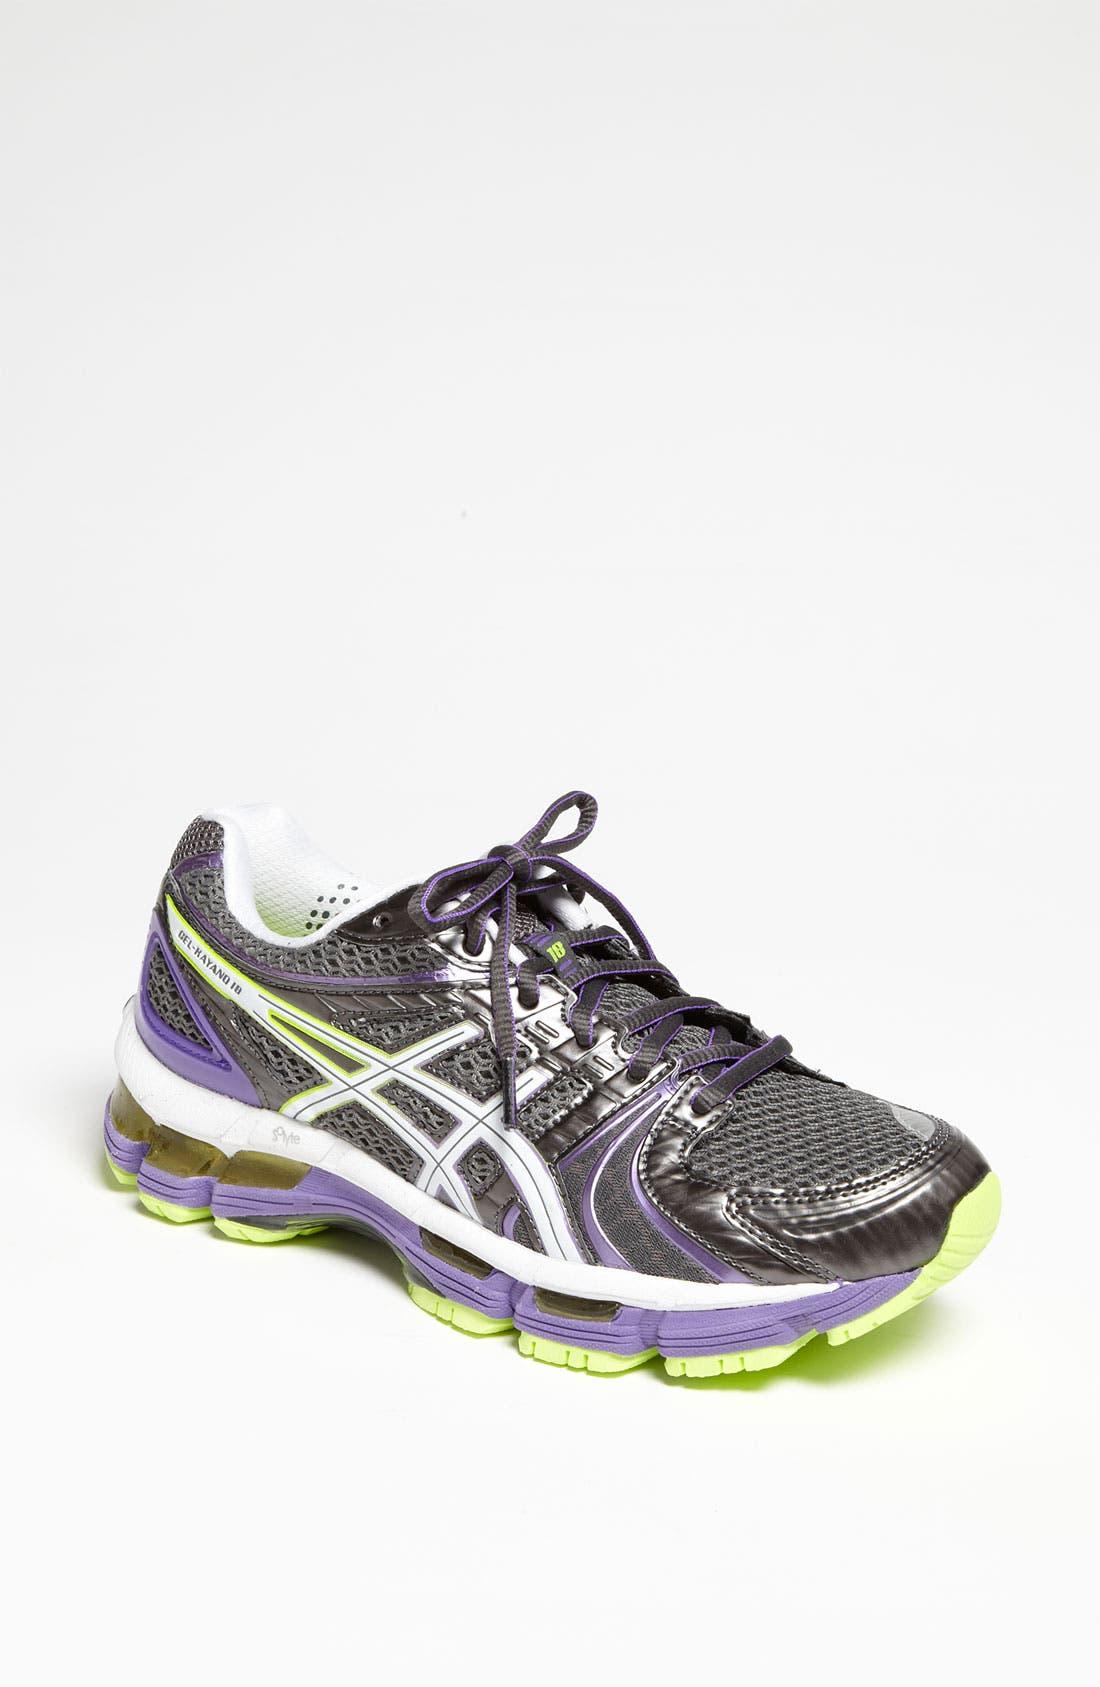 Main Image - ASICS® 'GEL-Kayano 18' Running Shoe (Women) (Regular Retail Price: $144.95)